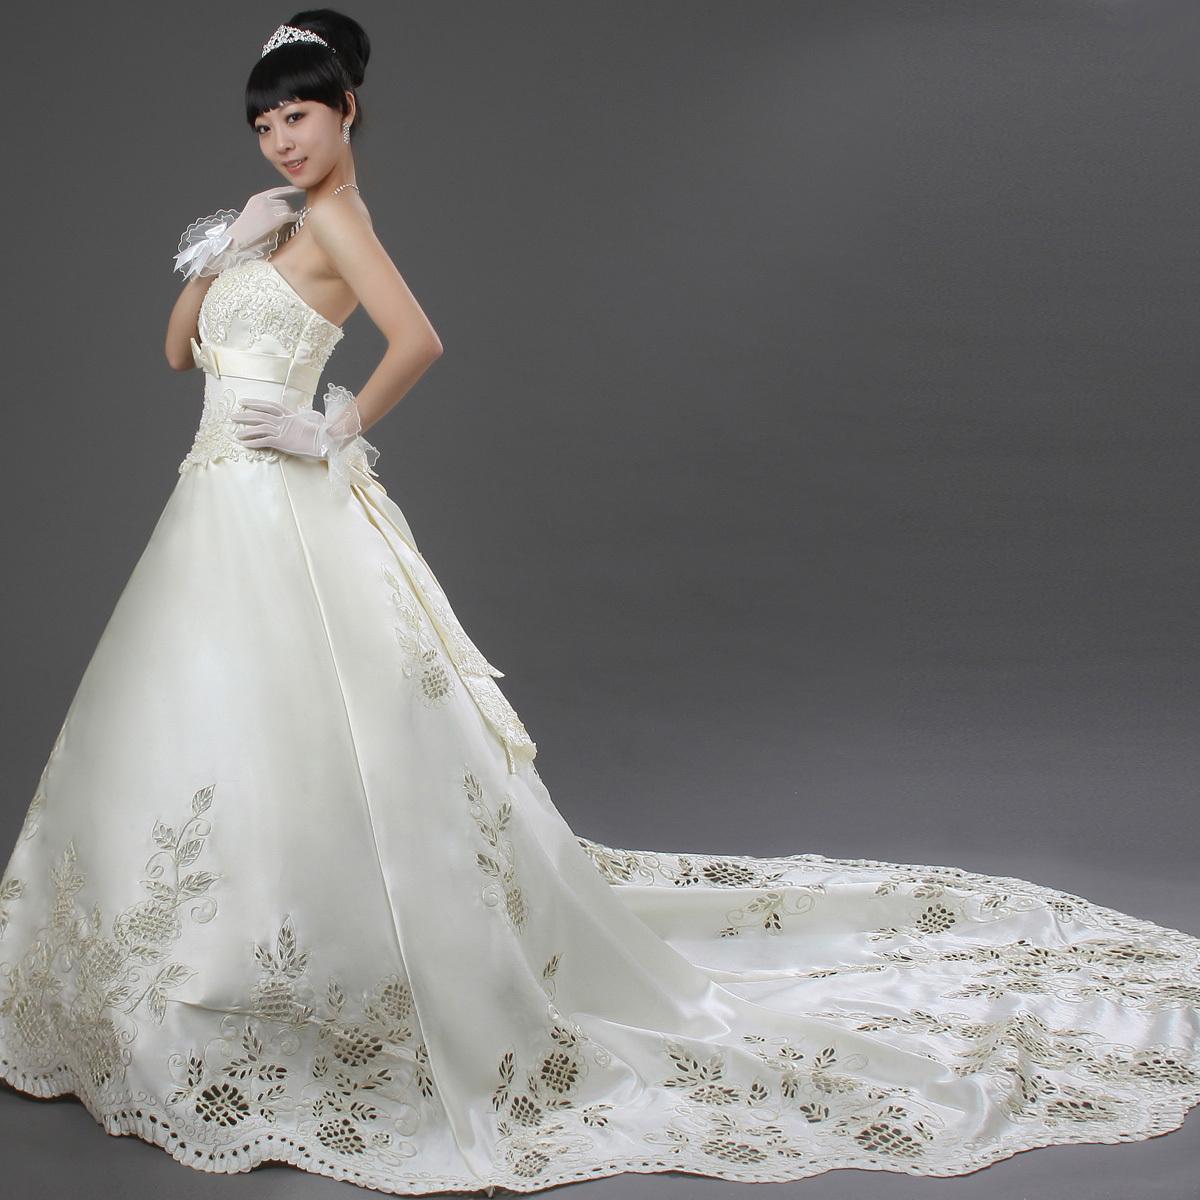 Свадебное платье Love me, the bride hs117 Атлас, сатин Небольшой шлейф